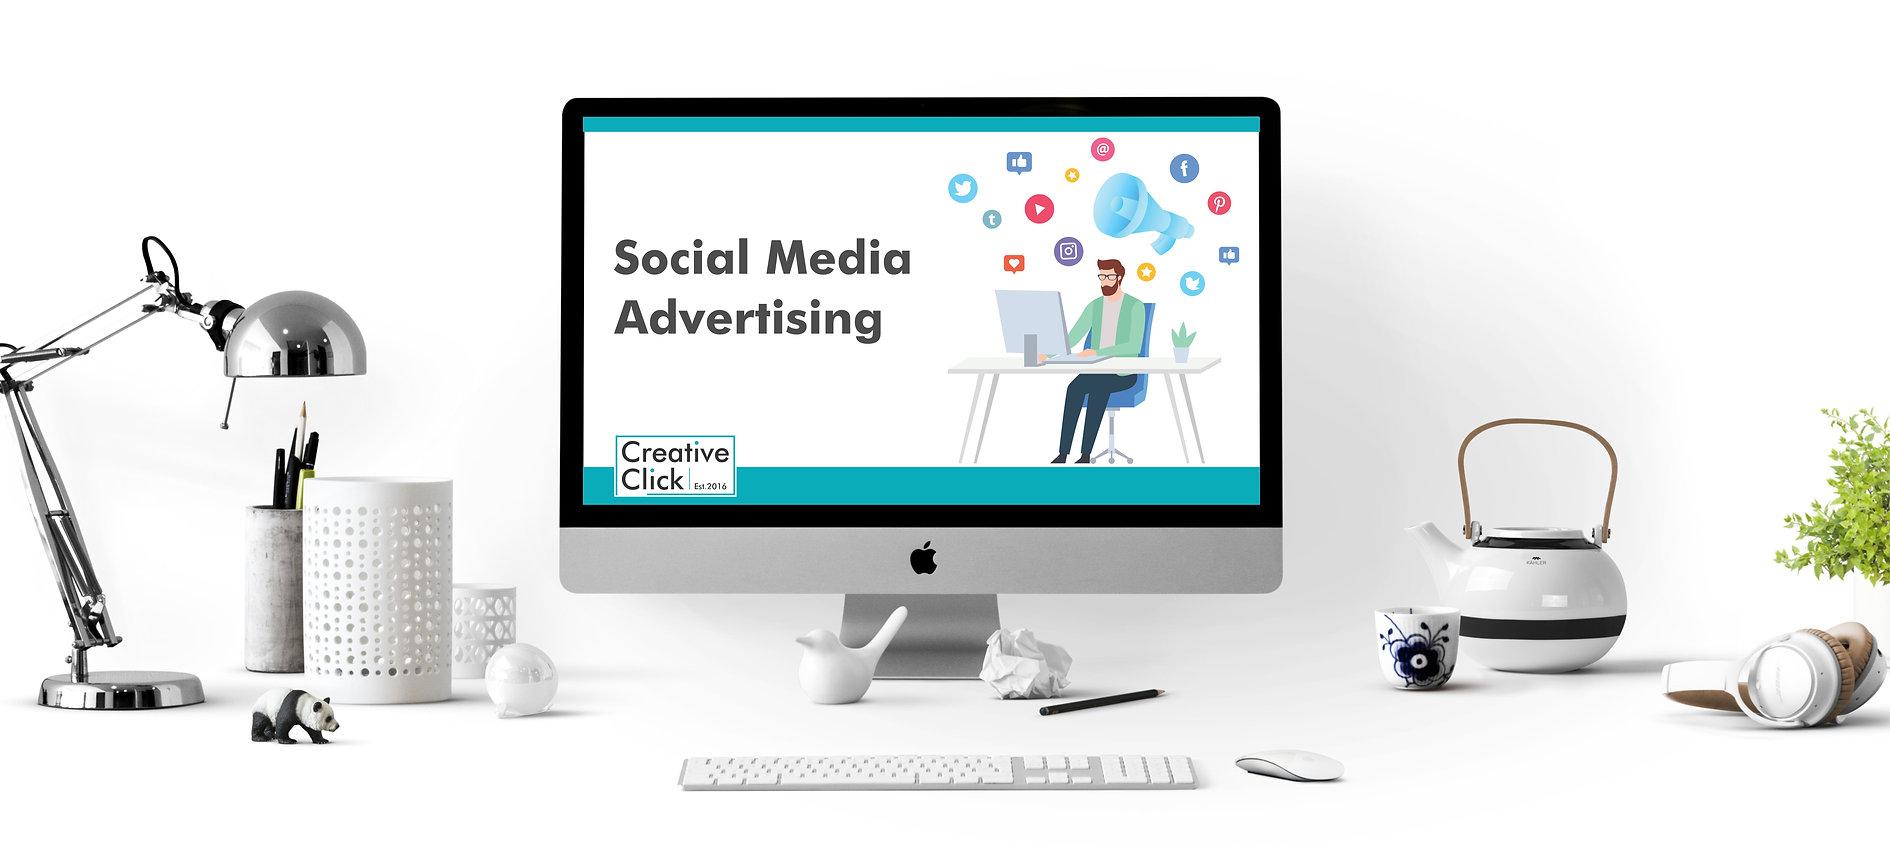 Social Media Advertising.jpg